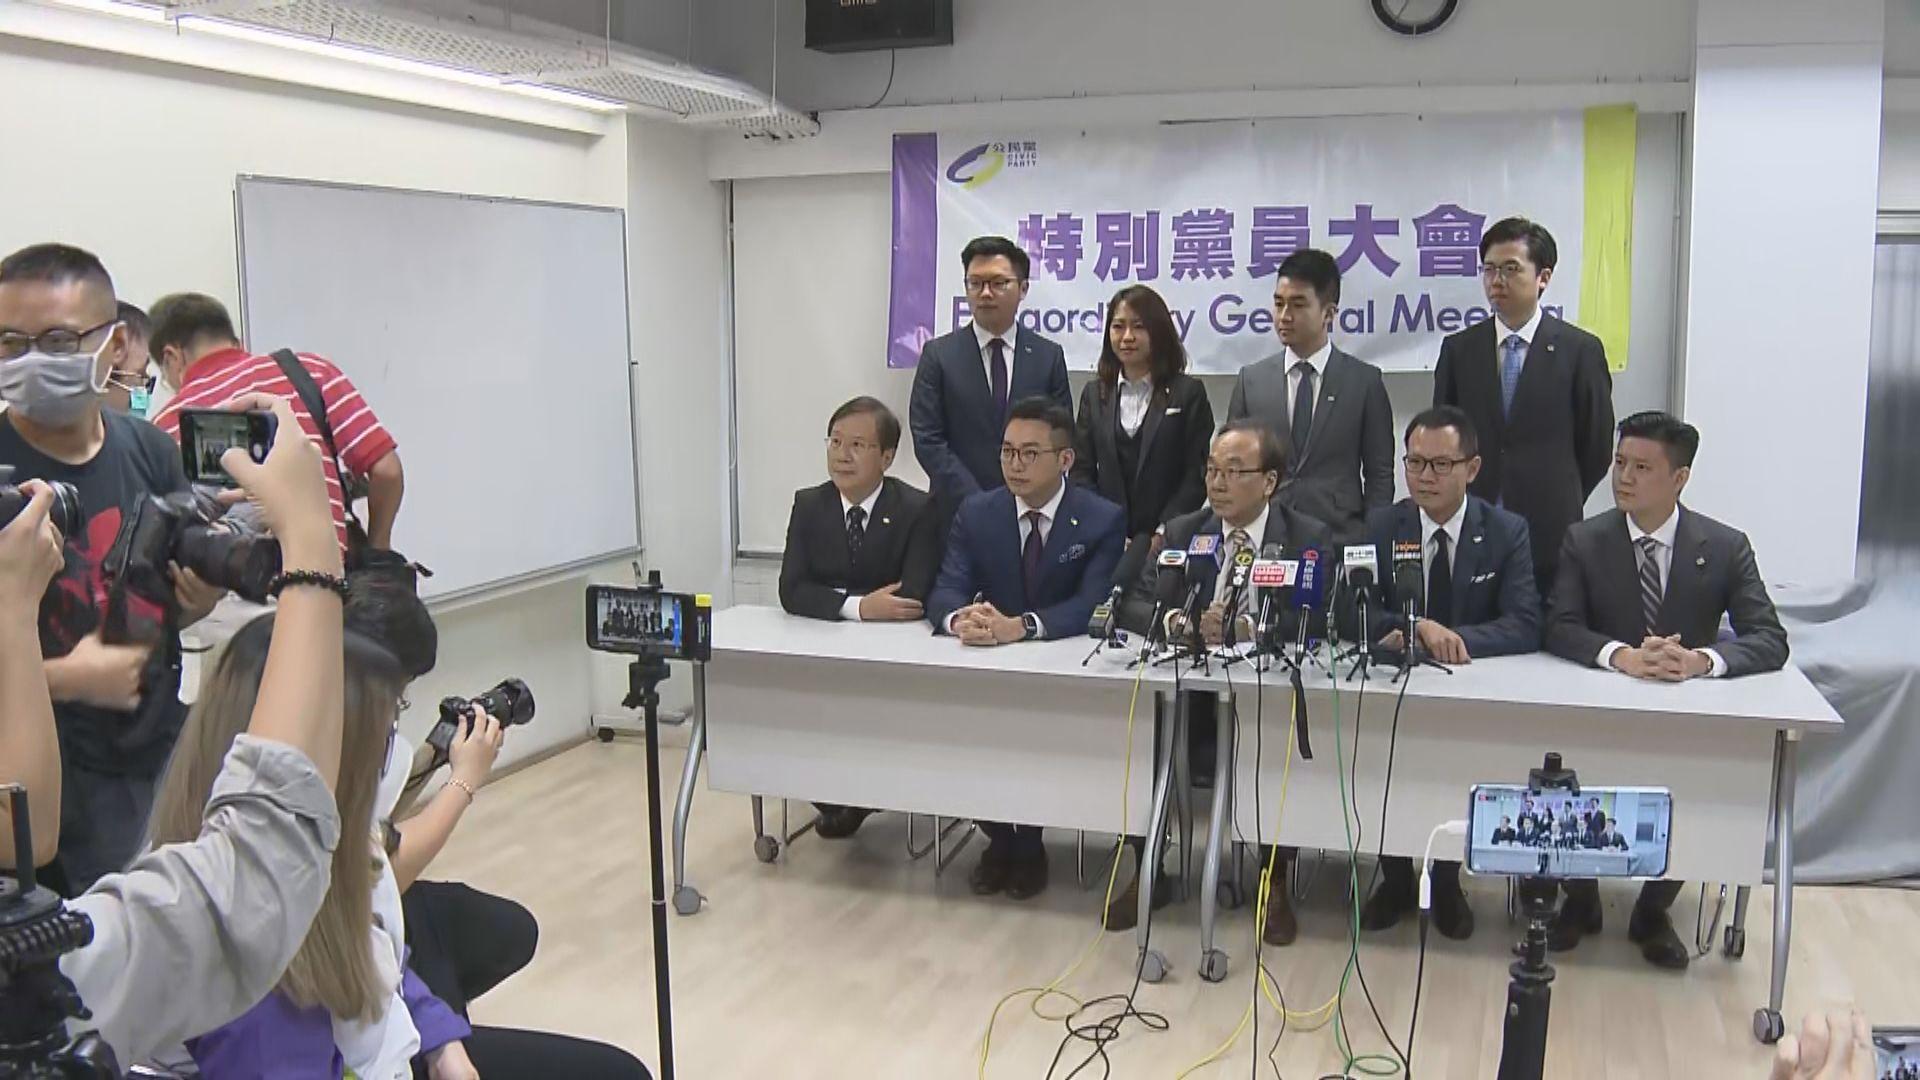 公民黨擬派人出選四地方選區 郭榮鏗擬角逐連任法律界